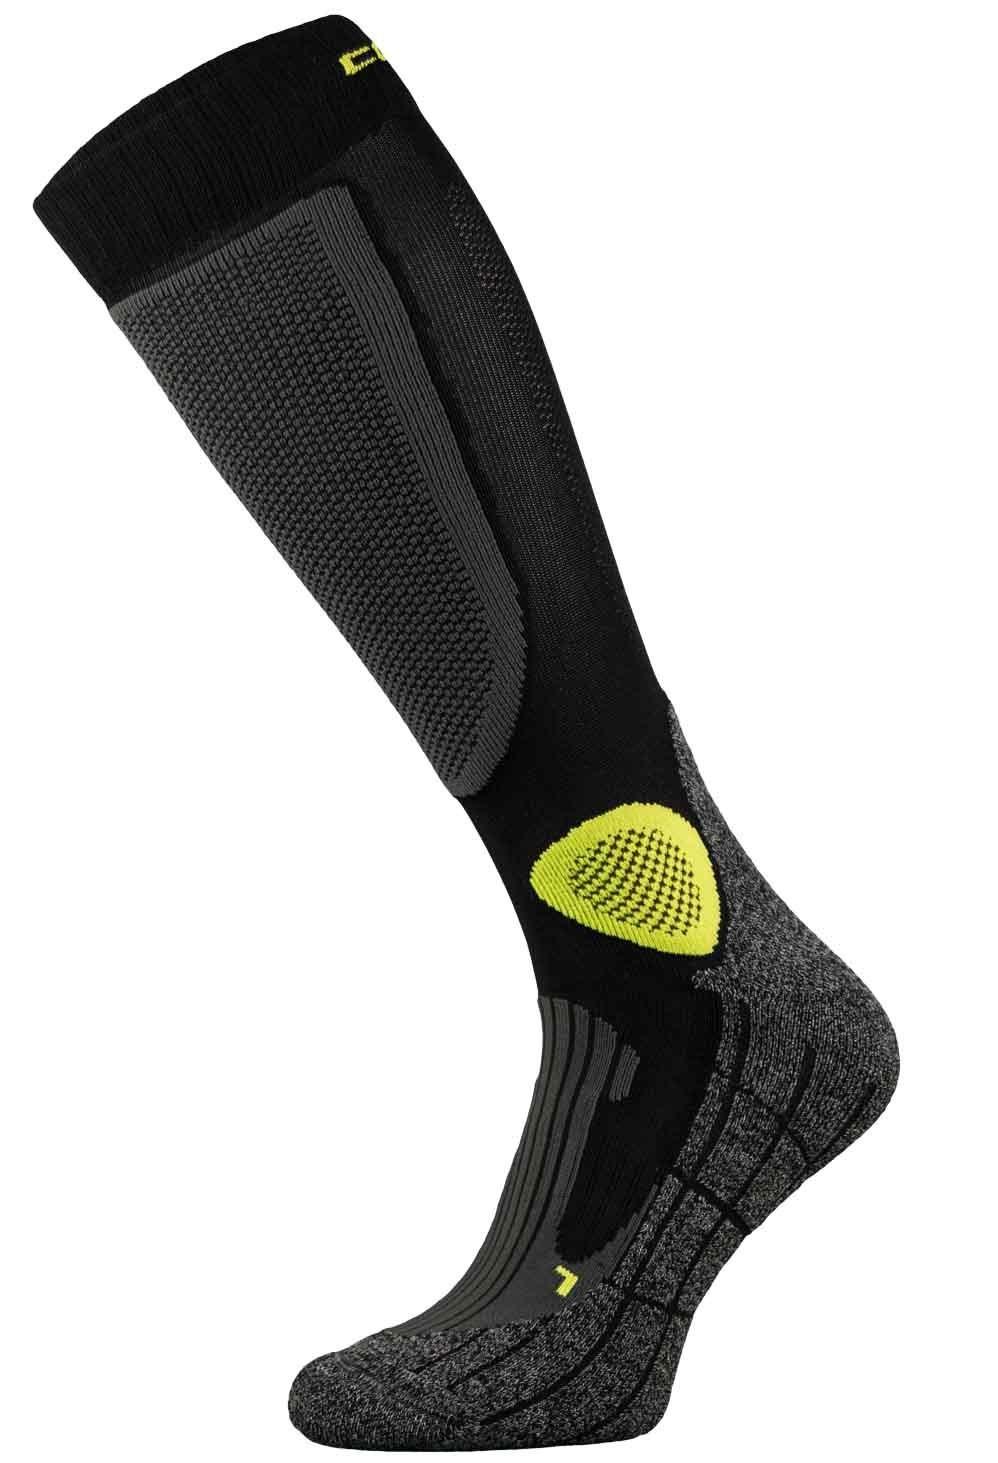 Black and Yellow Pro-Tech Motorbike Socks